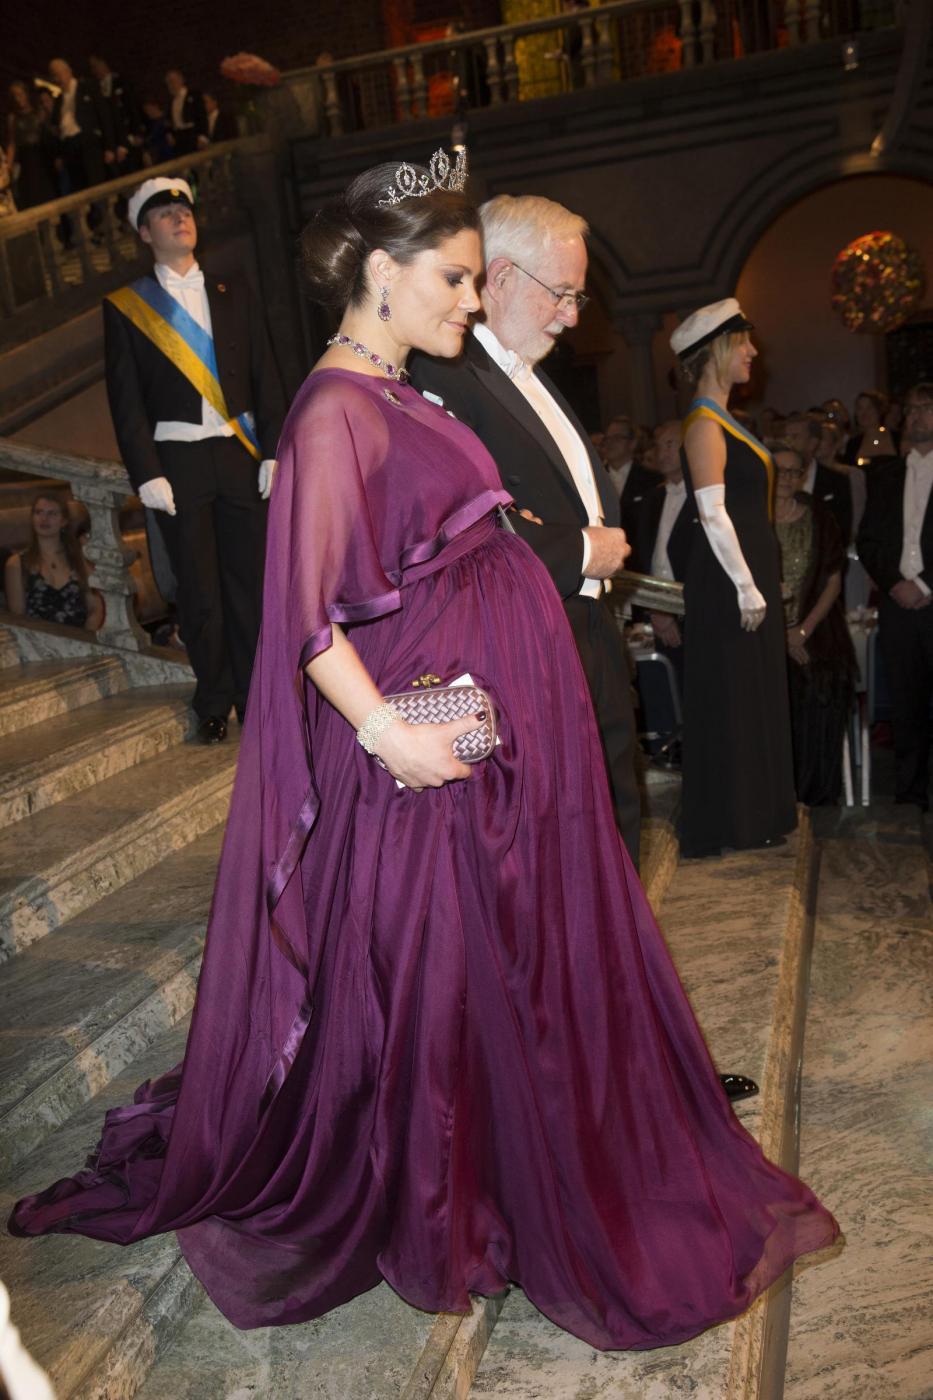 Nobel, principessa di Svezia incinta con abito a vita alta14